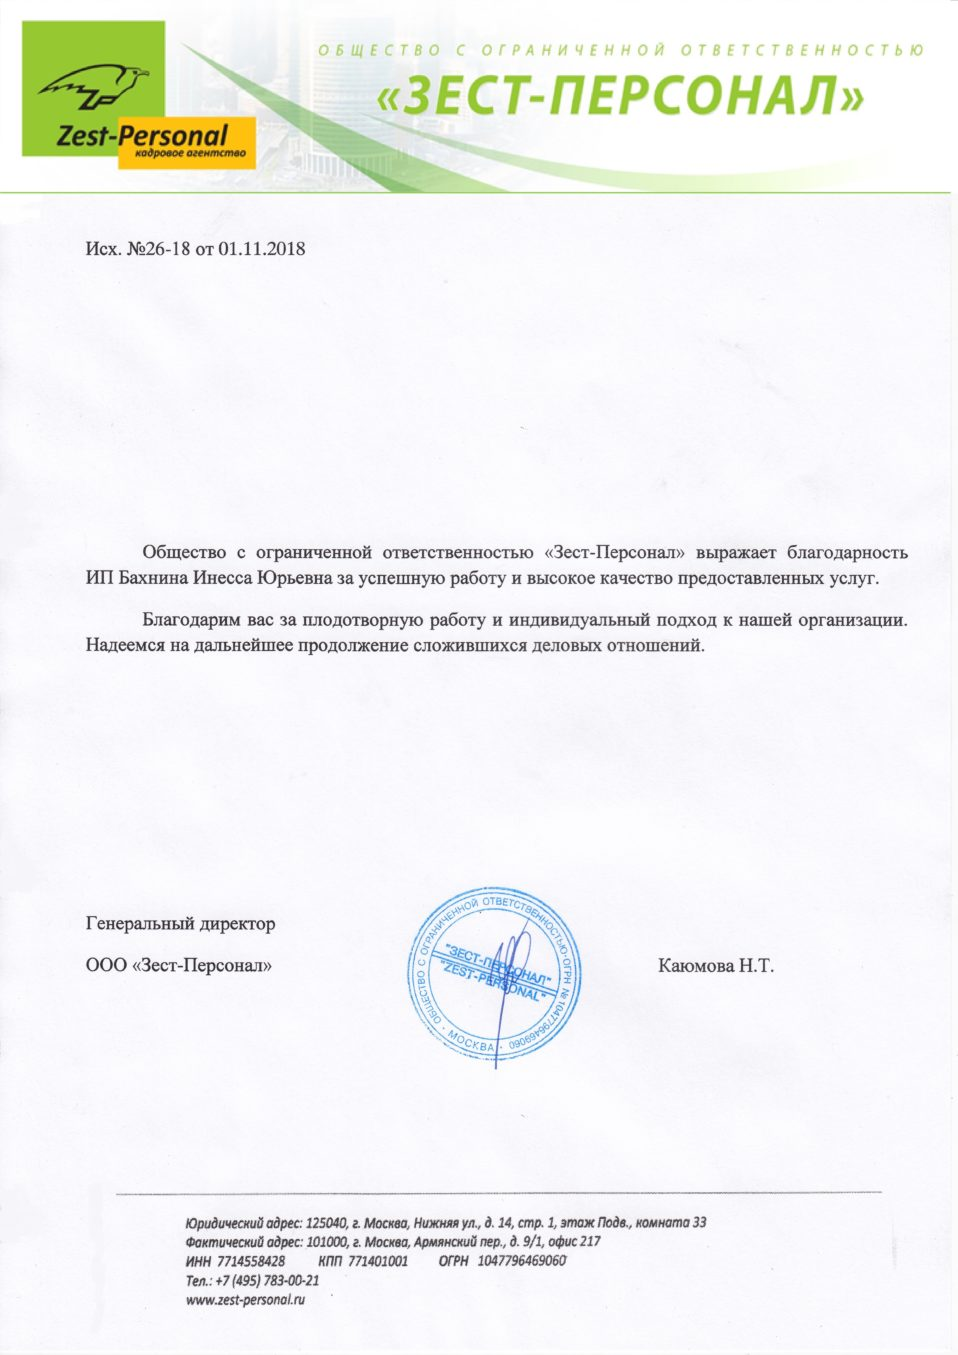 """Благодарность Бахниной Инессе от ООО """"Зест-персонал"""""""